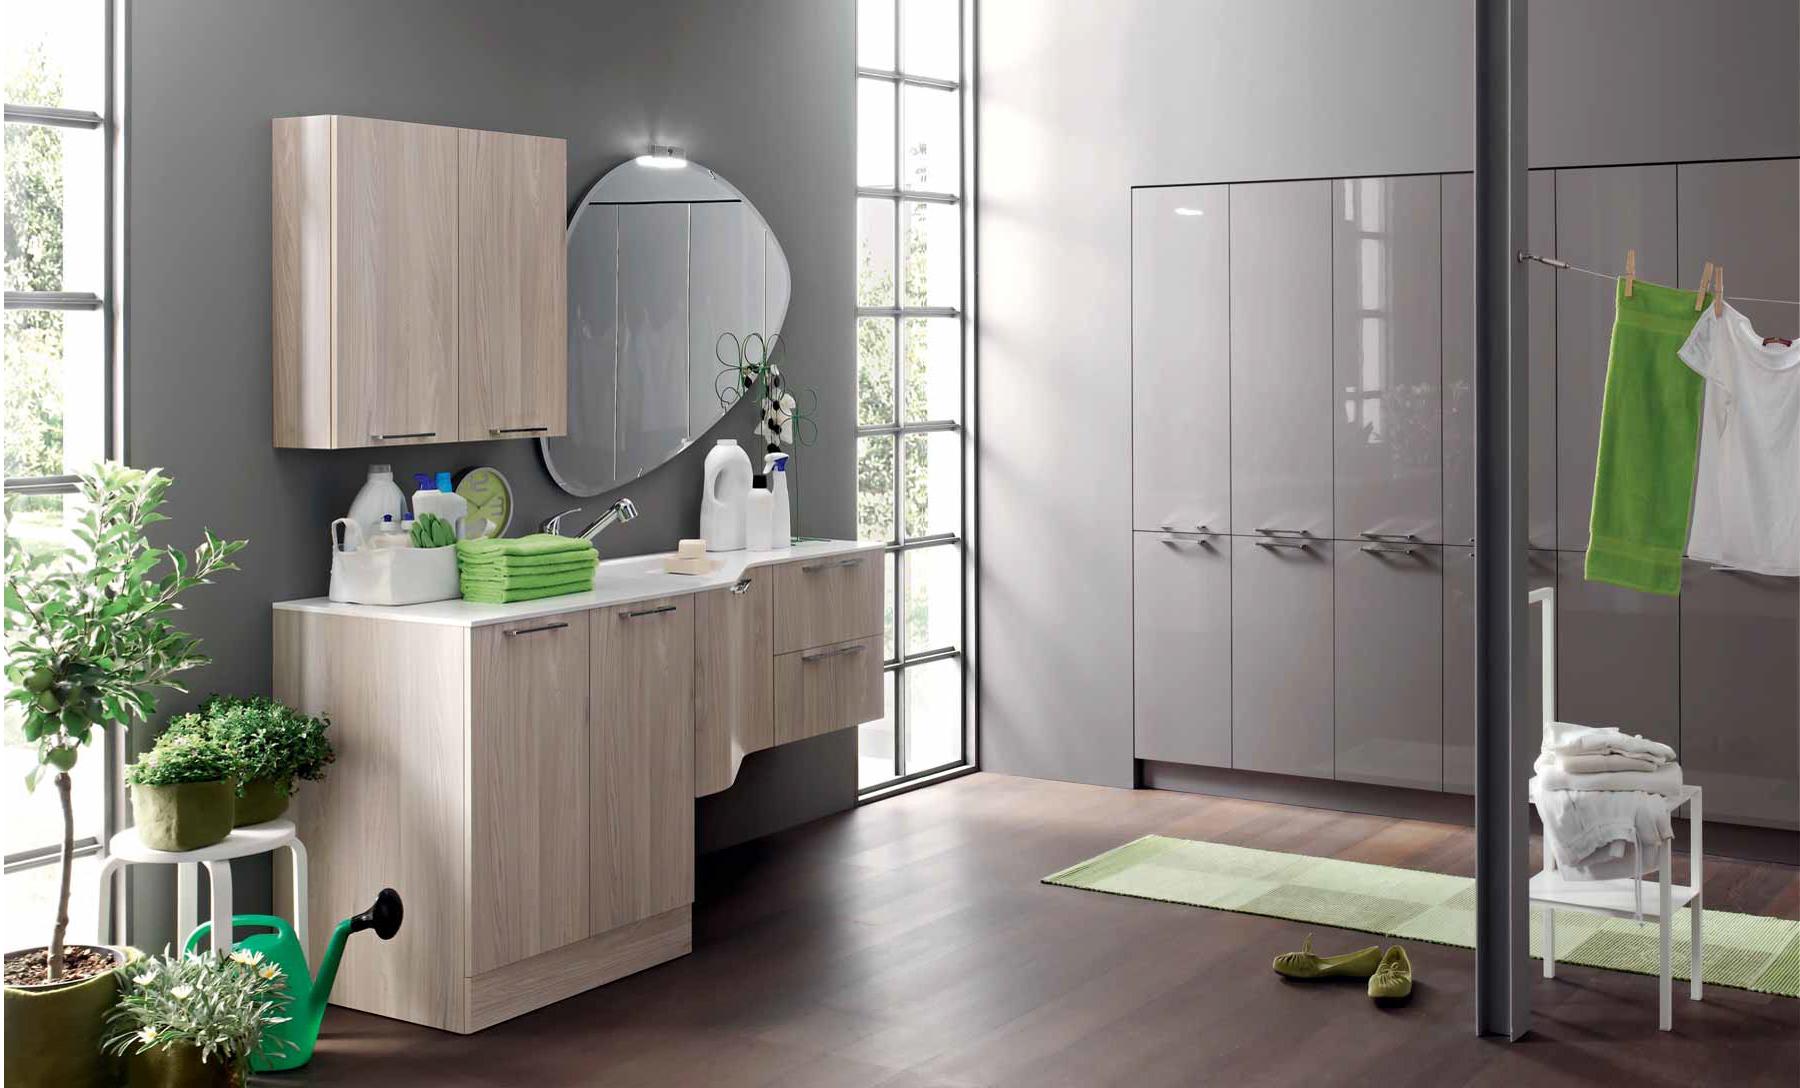 Mobili per la lavanderia arredo lavanderia centro - Mobili bagno con lavatrice a scomparsa ...